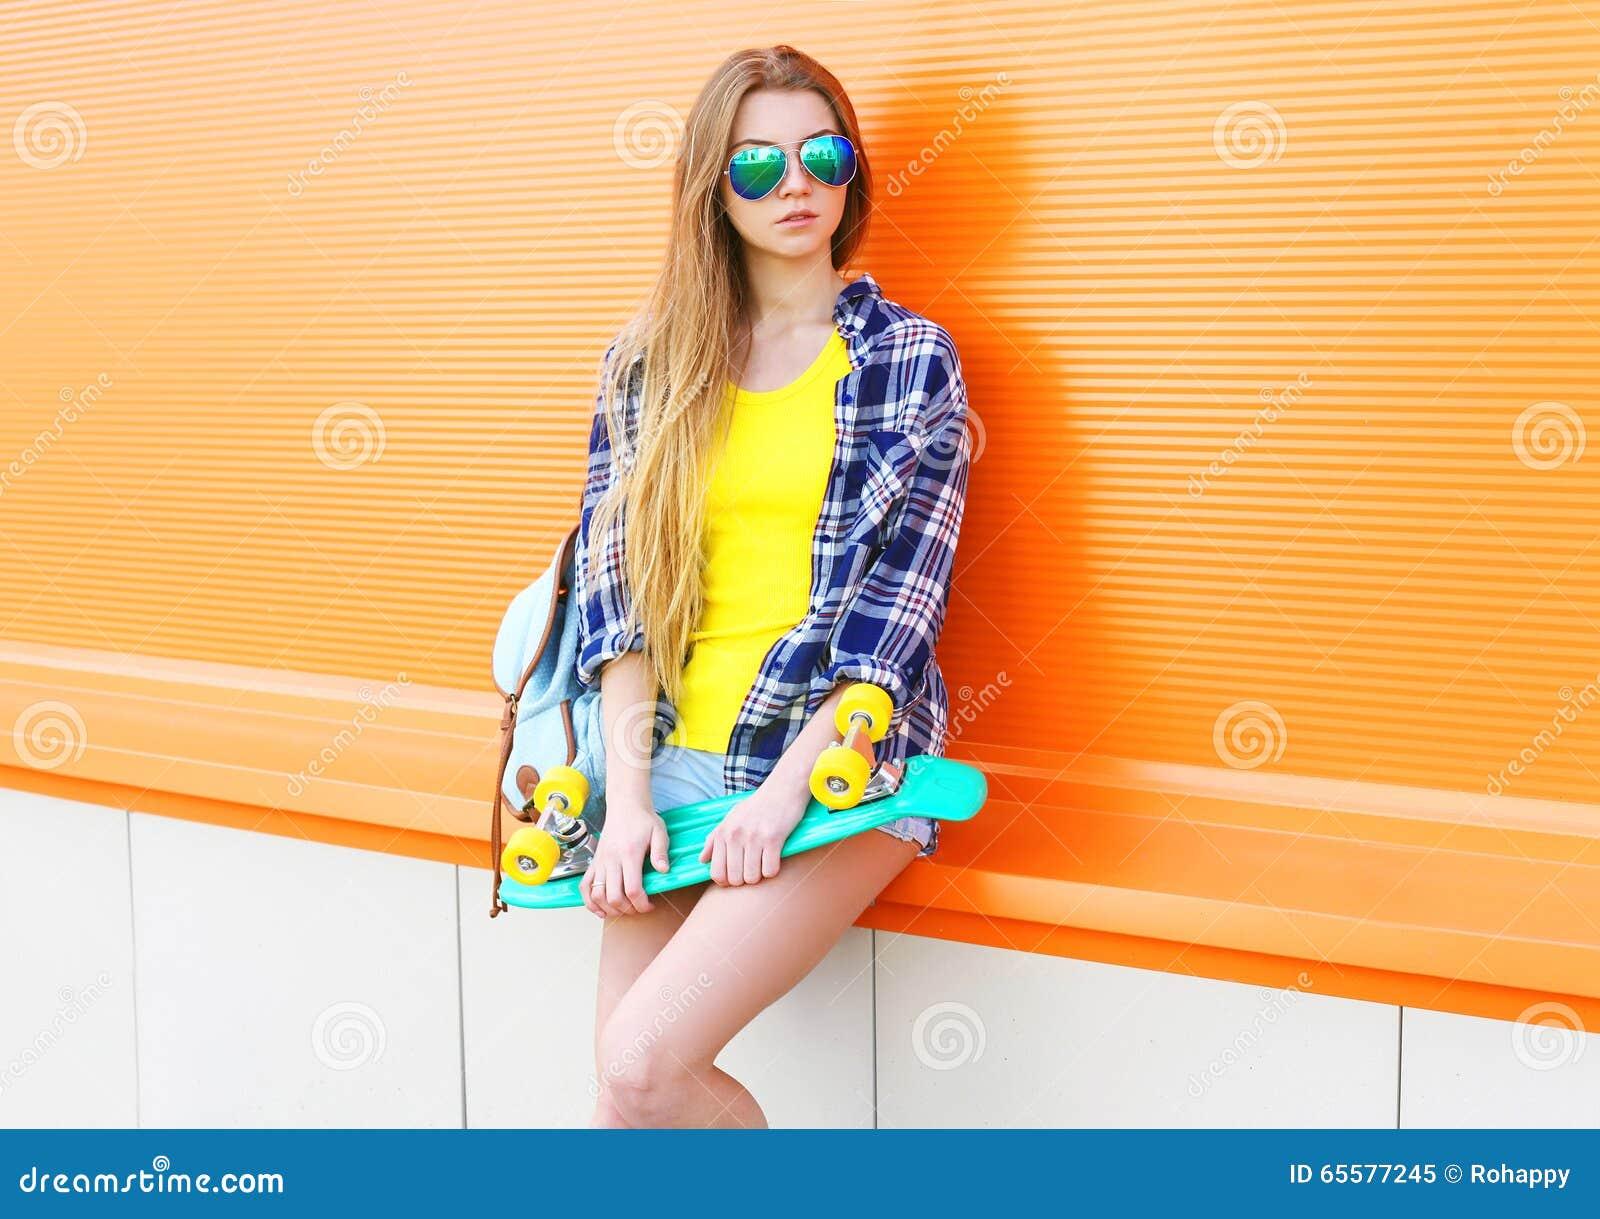 Φθορά κοριτσιών μόδας αρκετά δροσερή γυαλιά ηλίου με skateboard πέρα από ζωηρόχρωμο